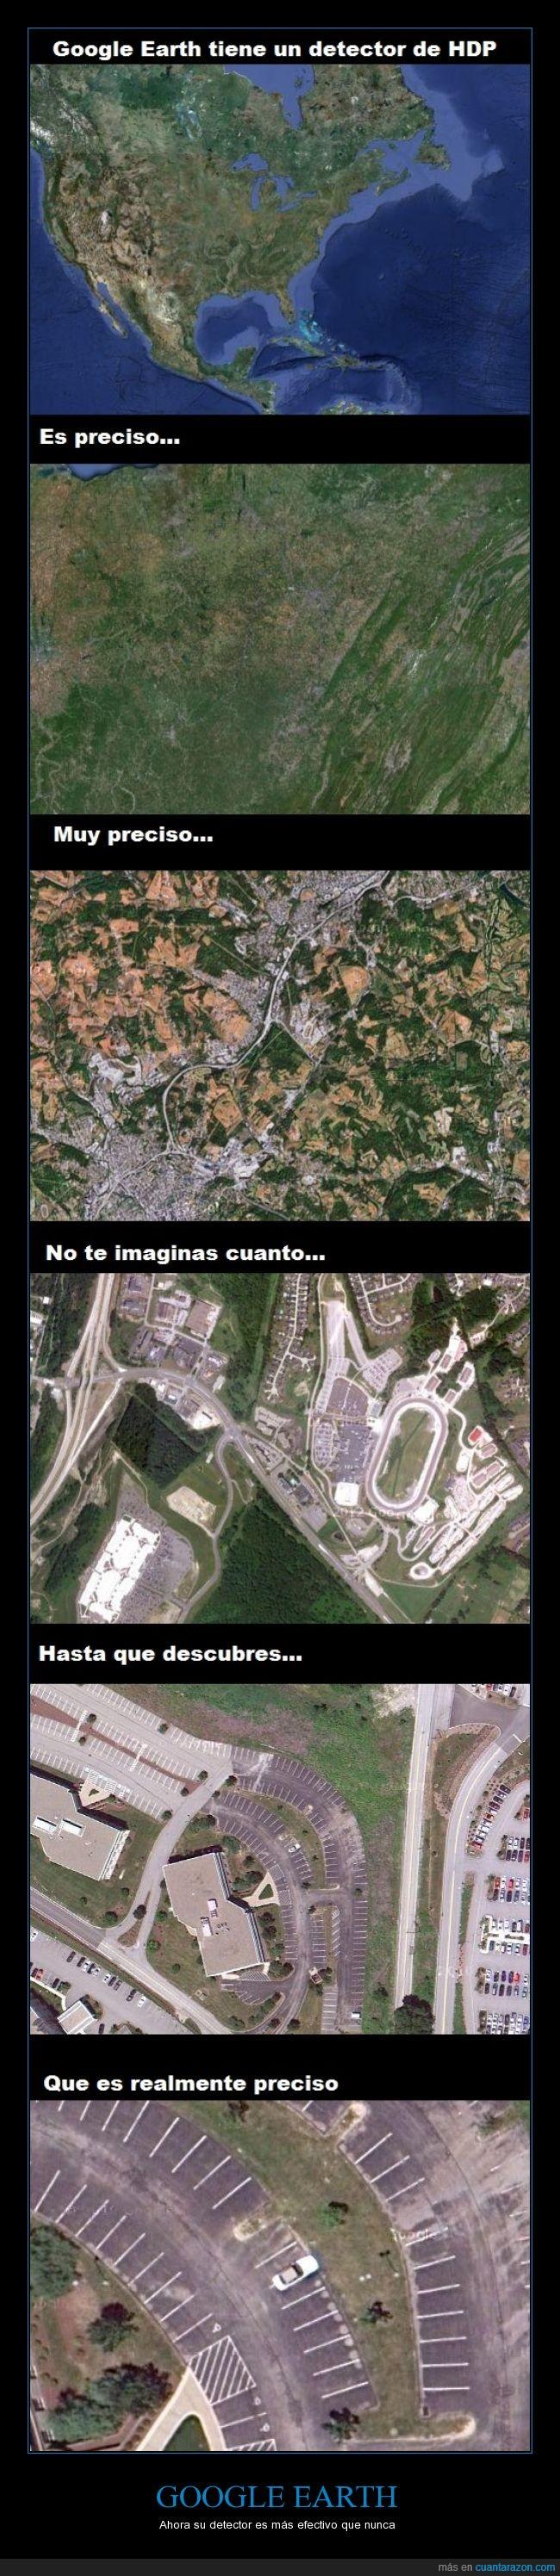 aparcamiento,aparcar,detector,Earth,Google,hdp,mapa,medio,vacio,zoom